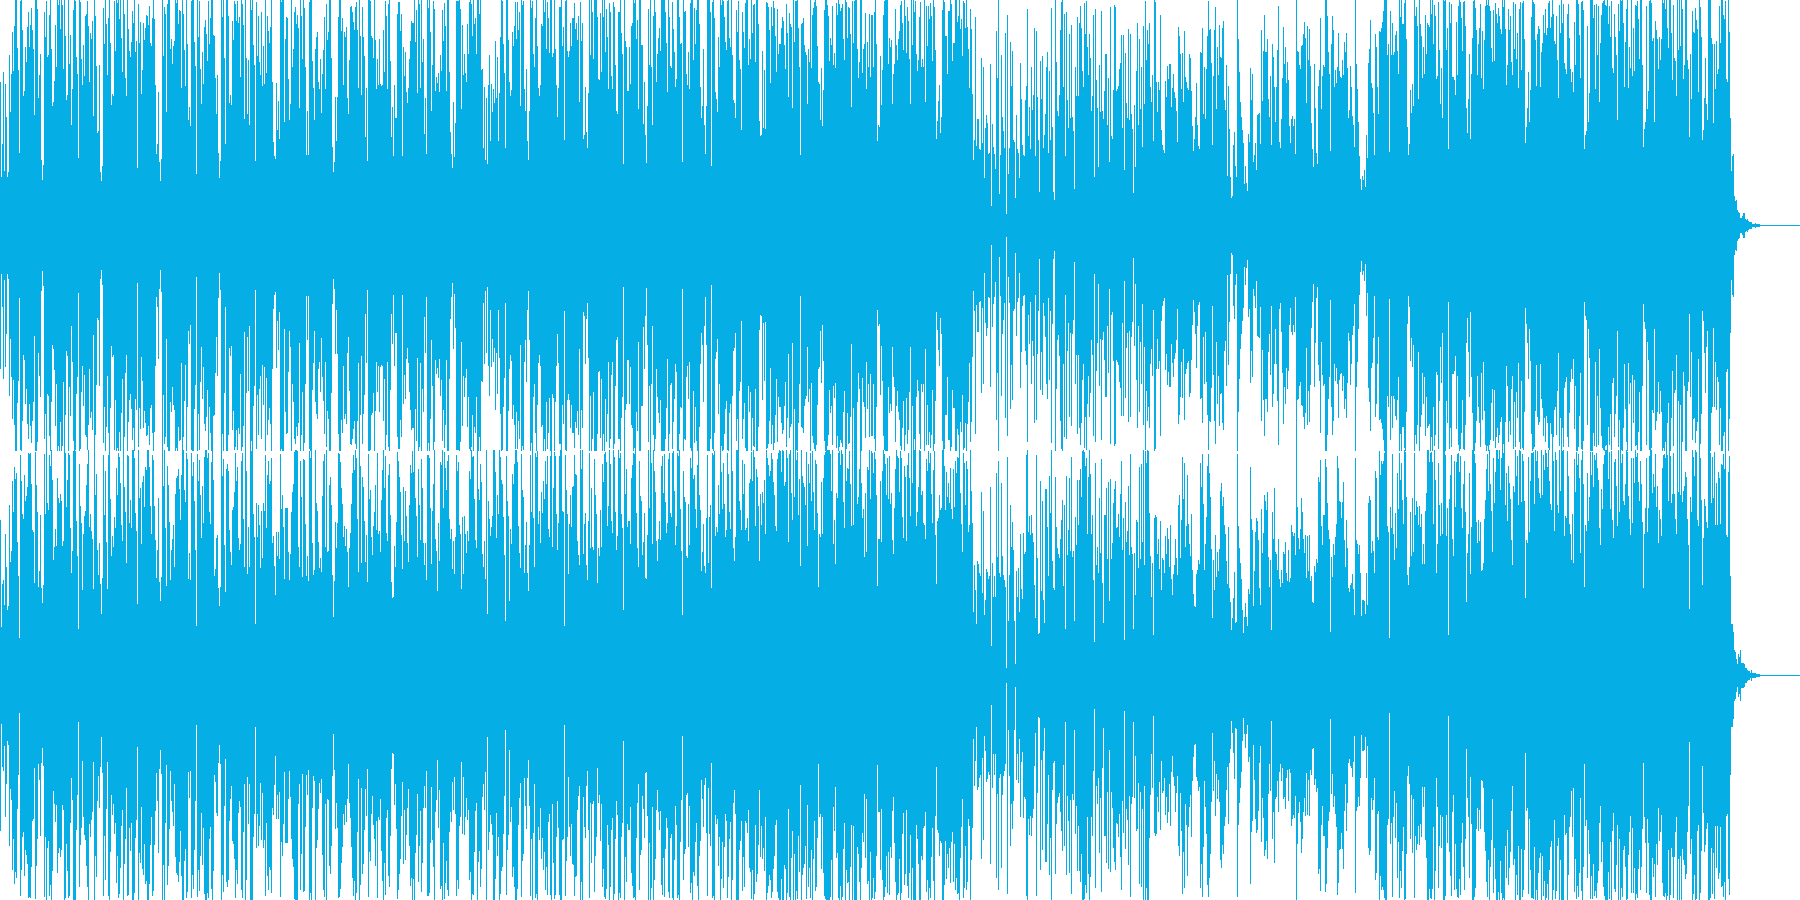 浮遊感のあるドラムンベース風テクノの再生済みの波形